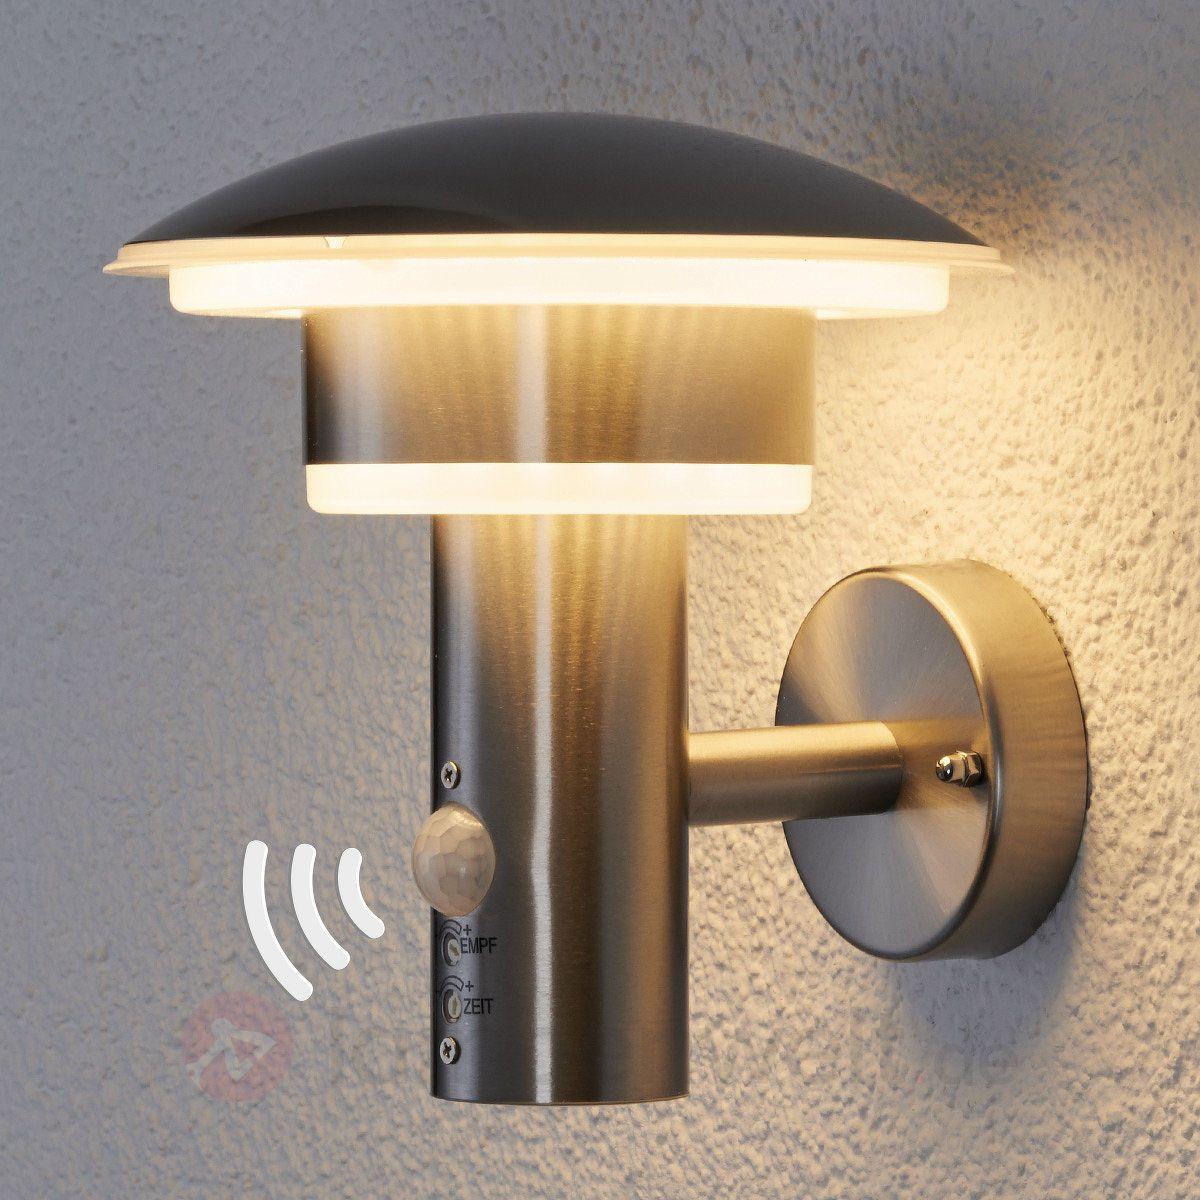 Led Aussenwandleuchte Lillie Sensor Lampenwelt Aussen Edelstahl Bewegungsmelder Eur 84 90 Aussenwandleuchte Wandbeleuchtung Aussenwandbeleuchtung